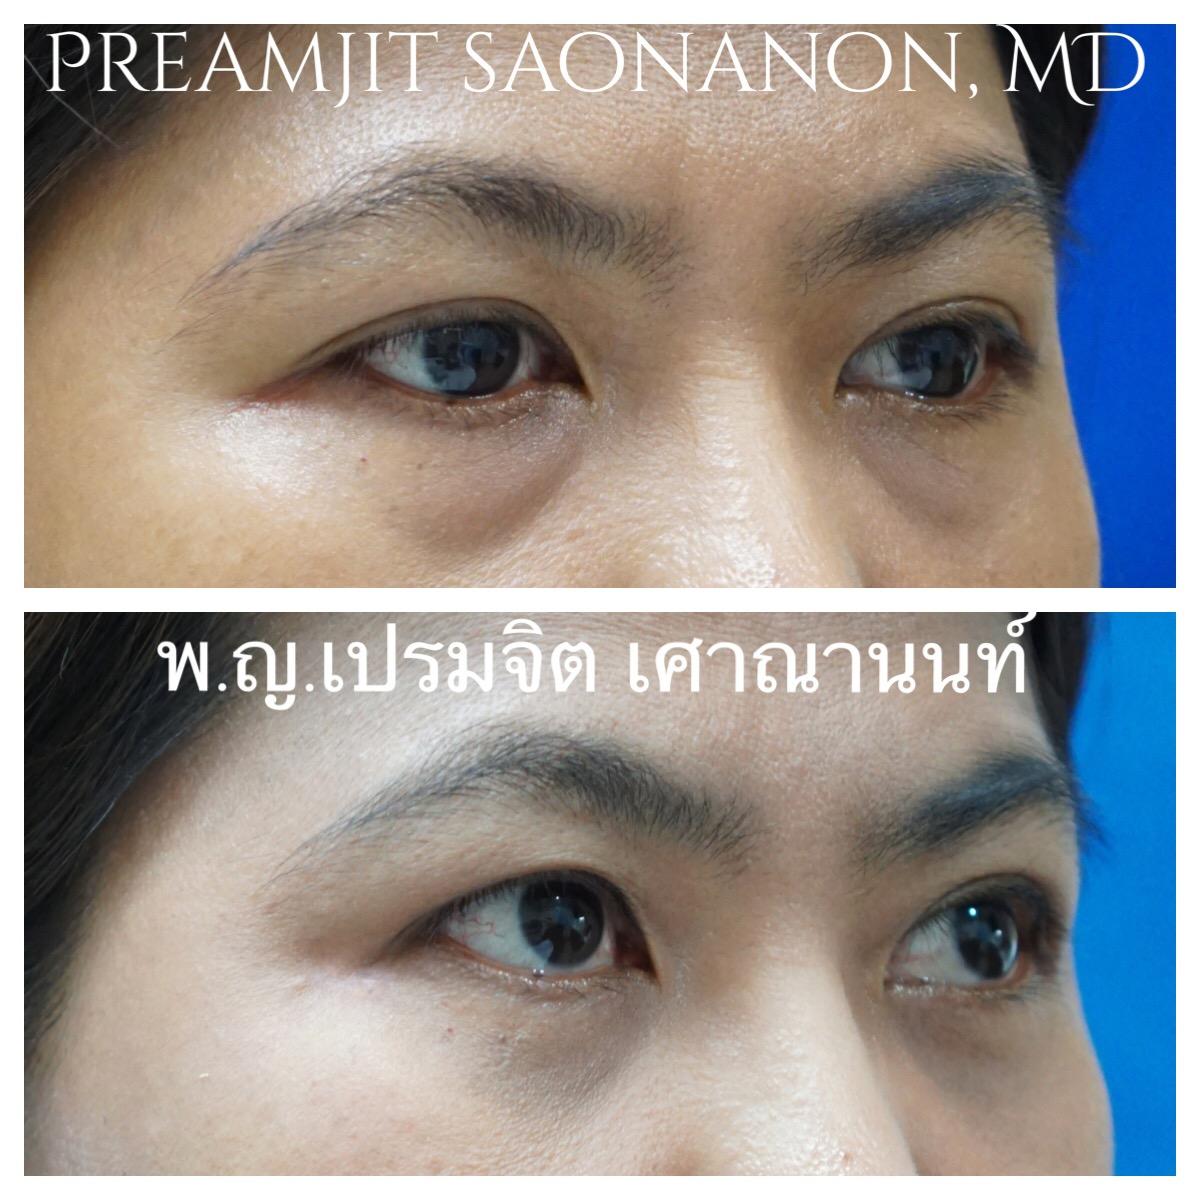 ผ่าตัดถุงใต้ตาและย้ายไขมัน